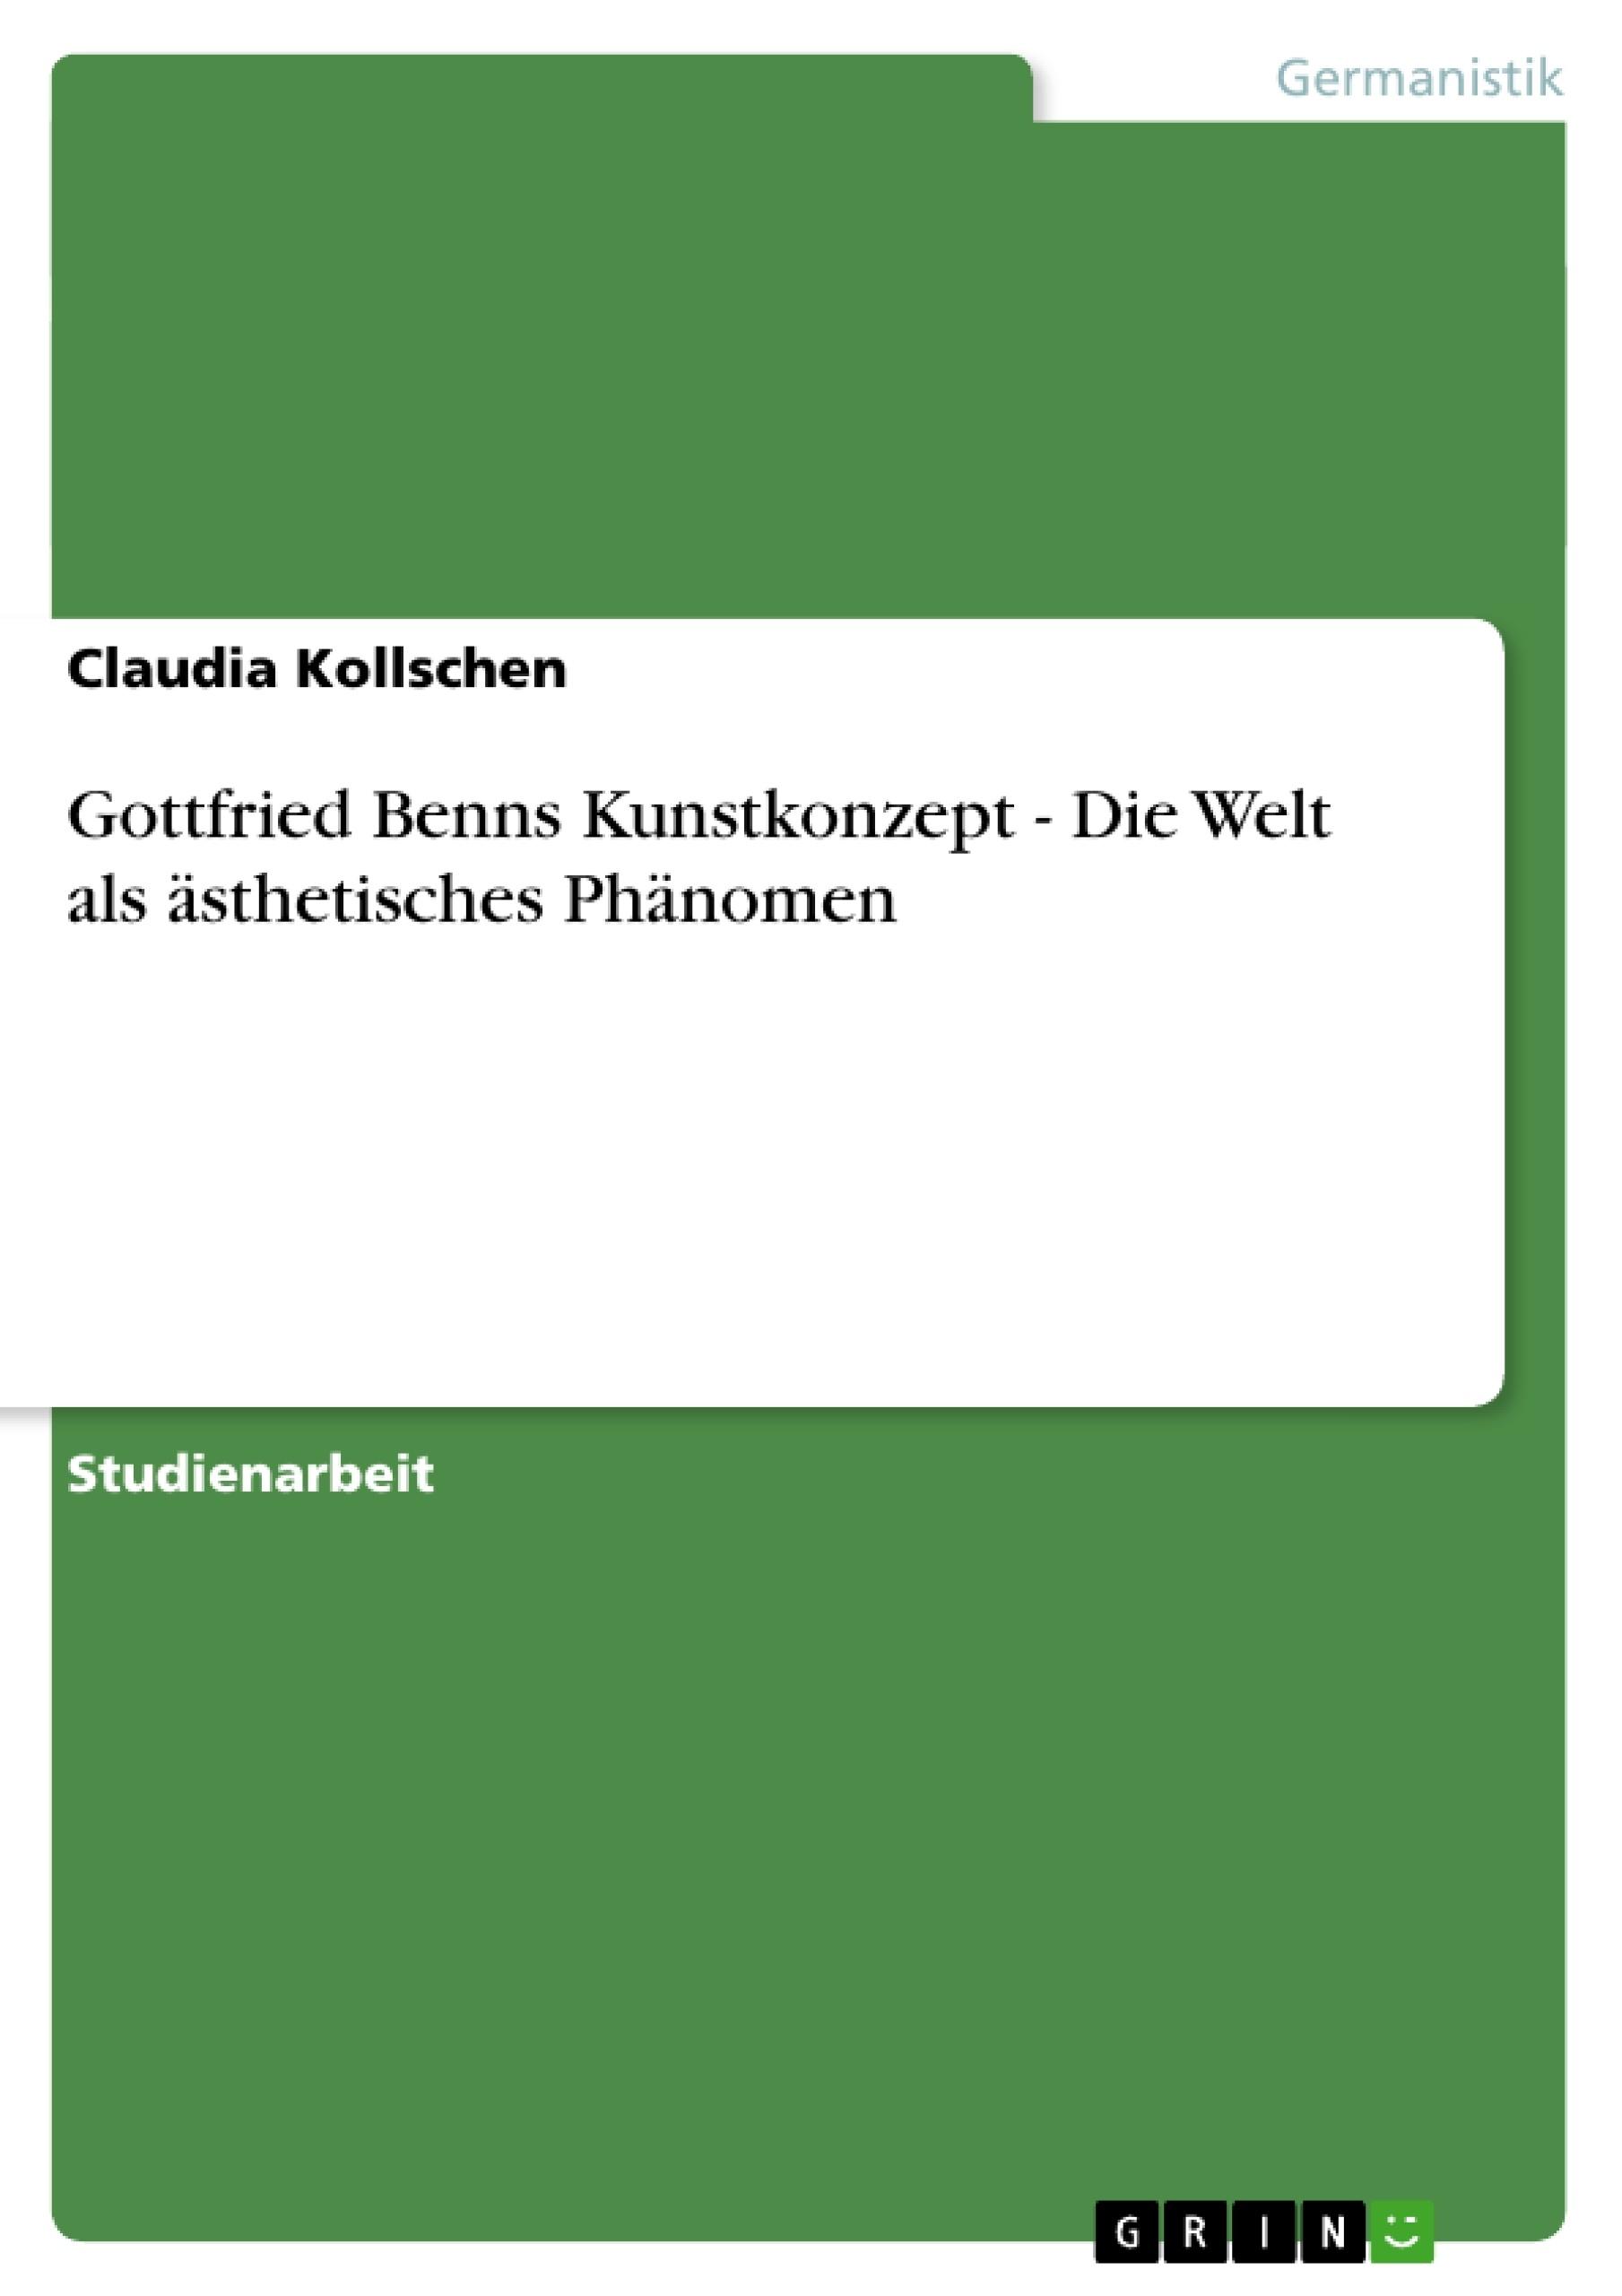 Titel: Gottfried Benns Kunstkonzept - Die Welt als ästhetisches Phänomen